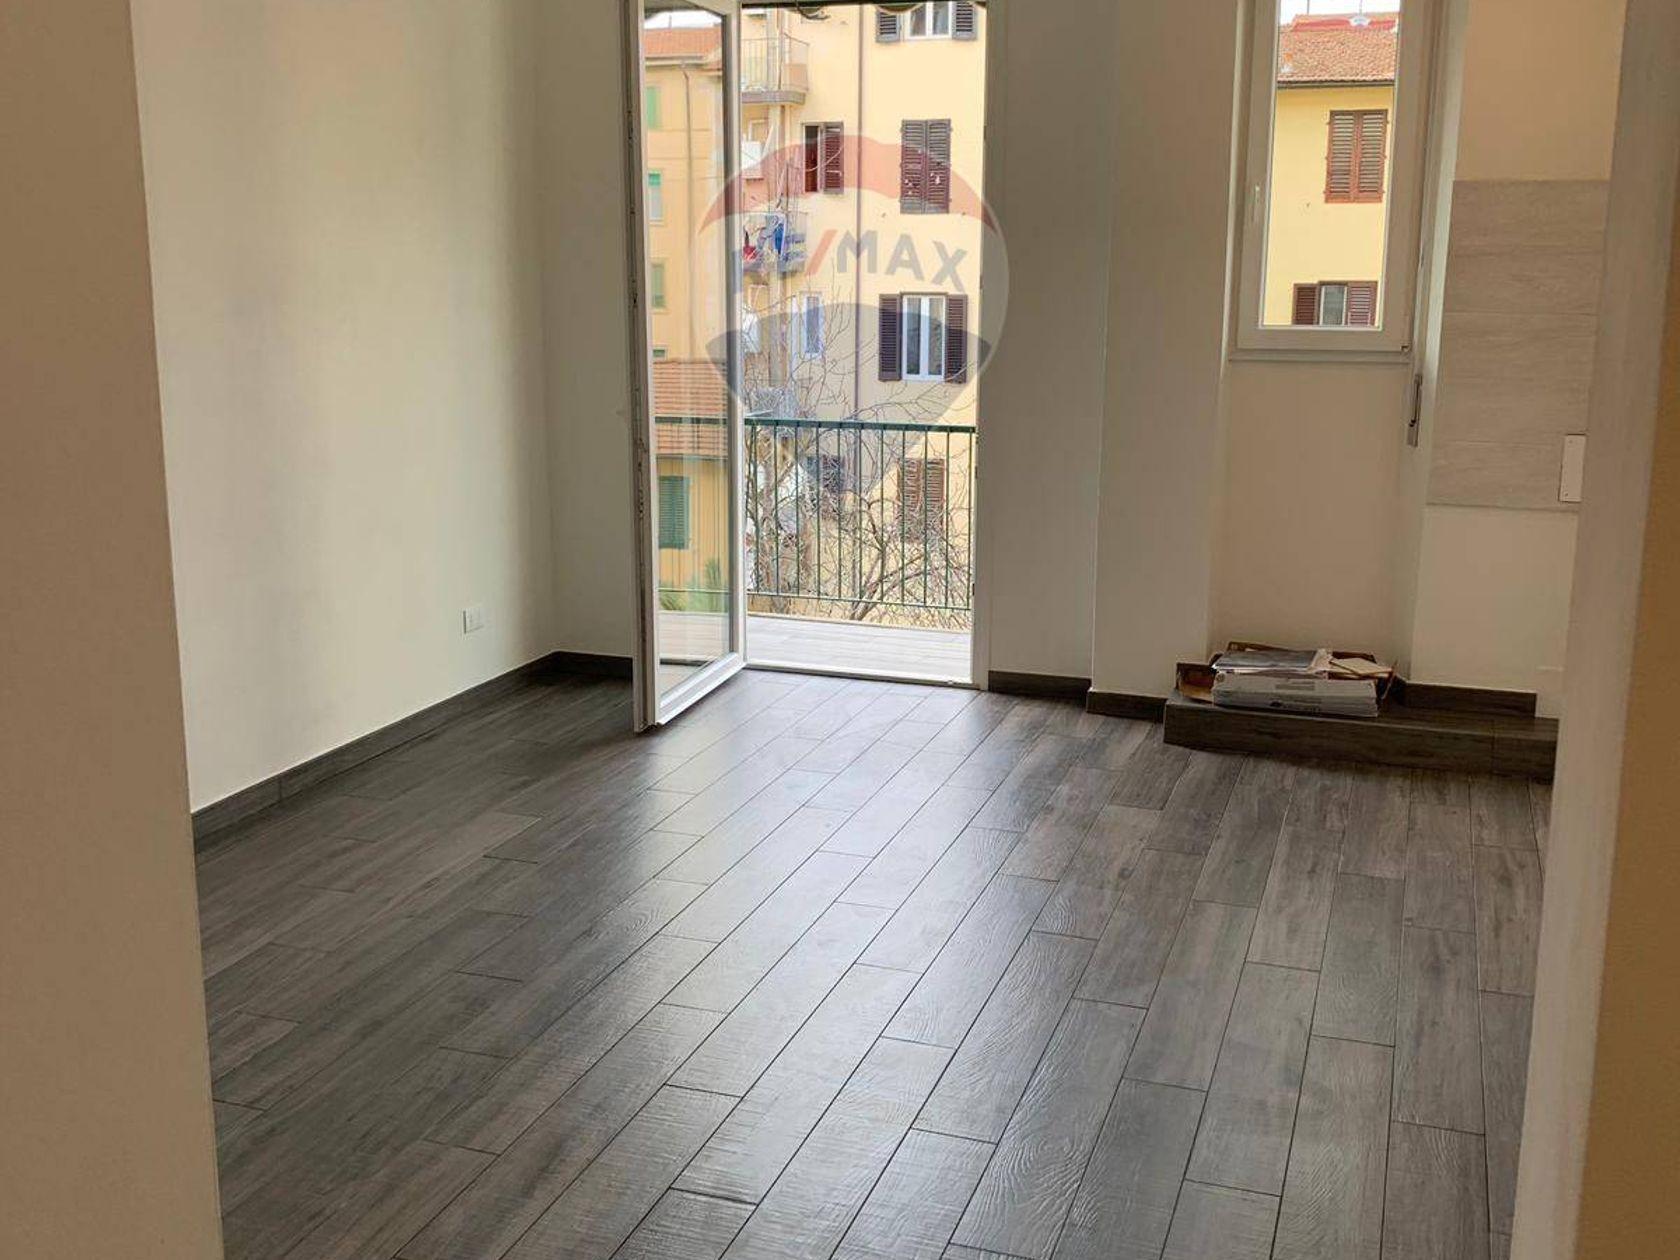 Appartamento Campo di marte, Firenze, FI Vendita - Foto 5